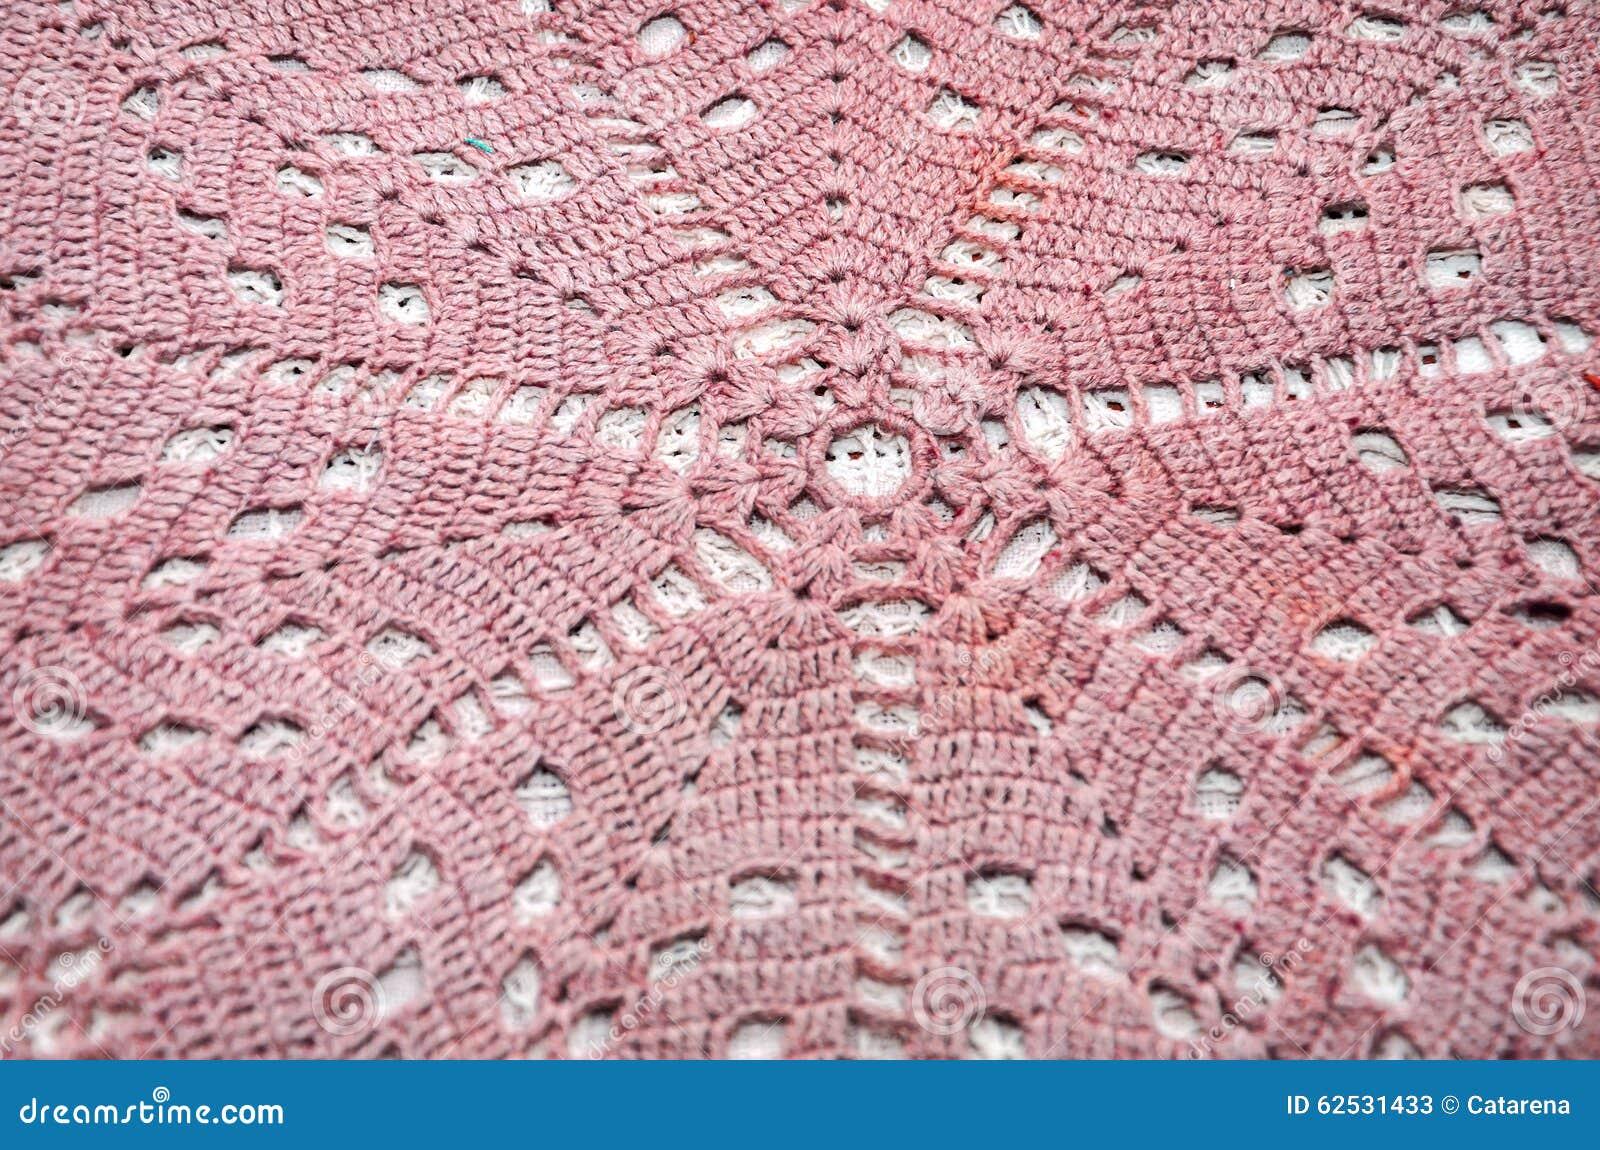 老手工制造钩针编织小垫布